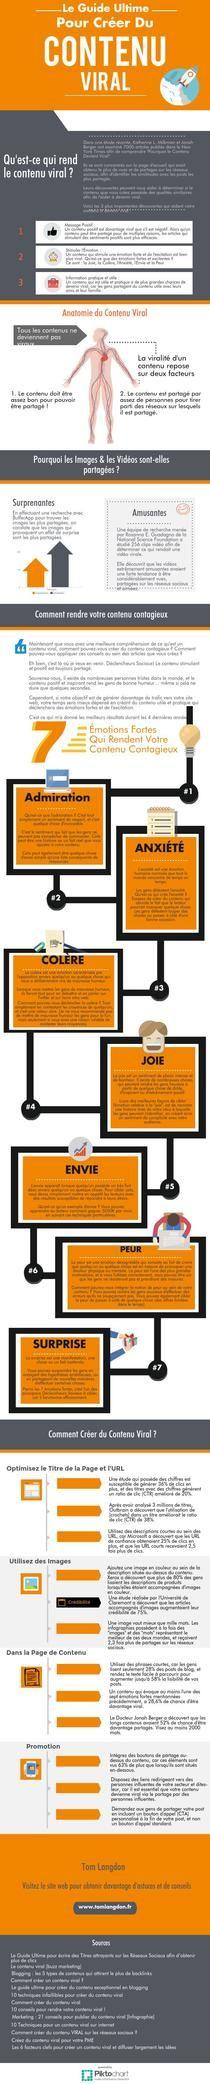 Le Guide Ultime pour créer du contenu viral   Piktochart Infographic Editor